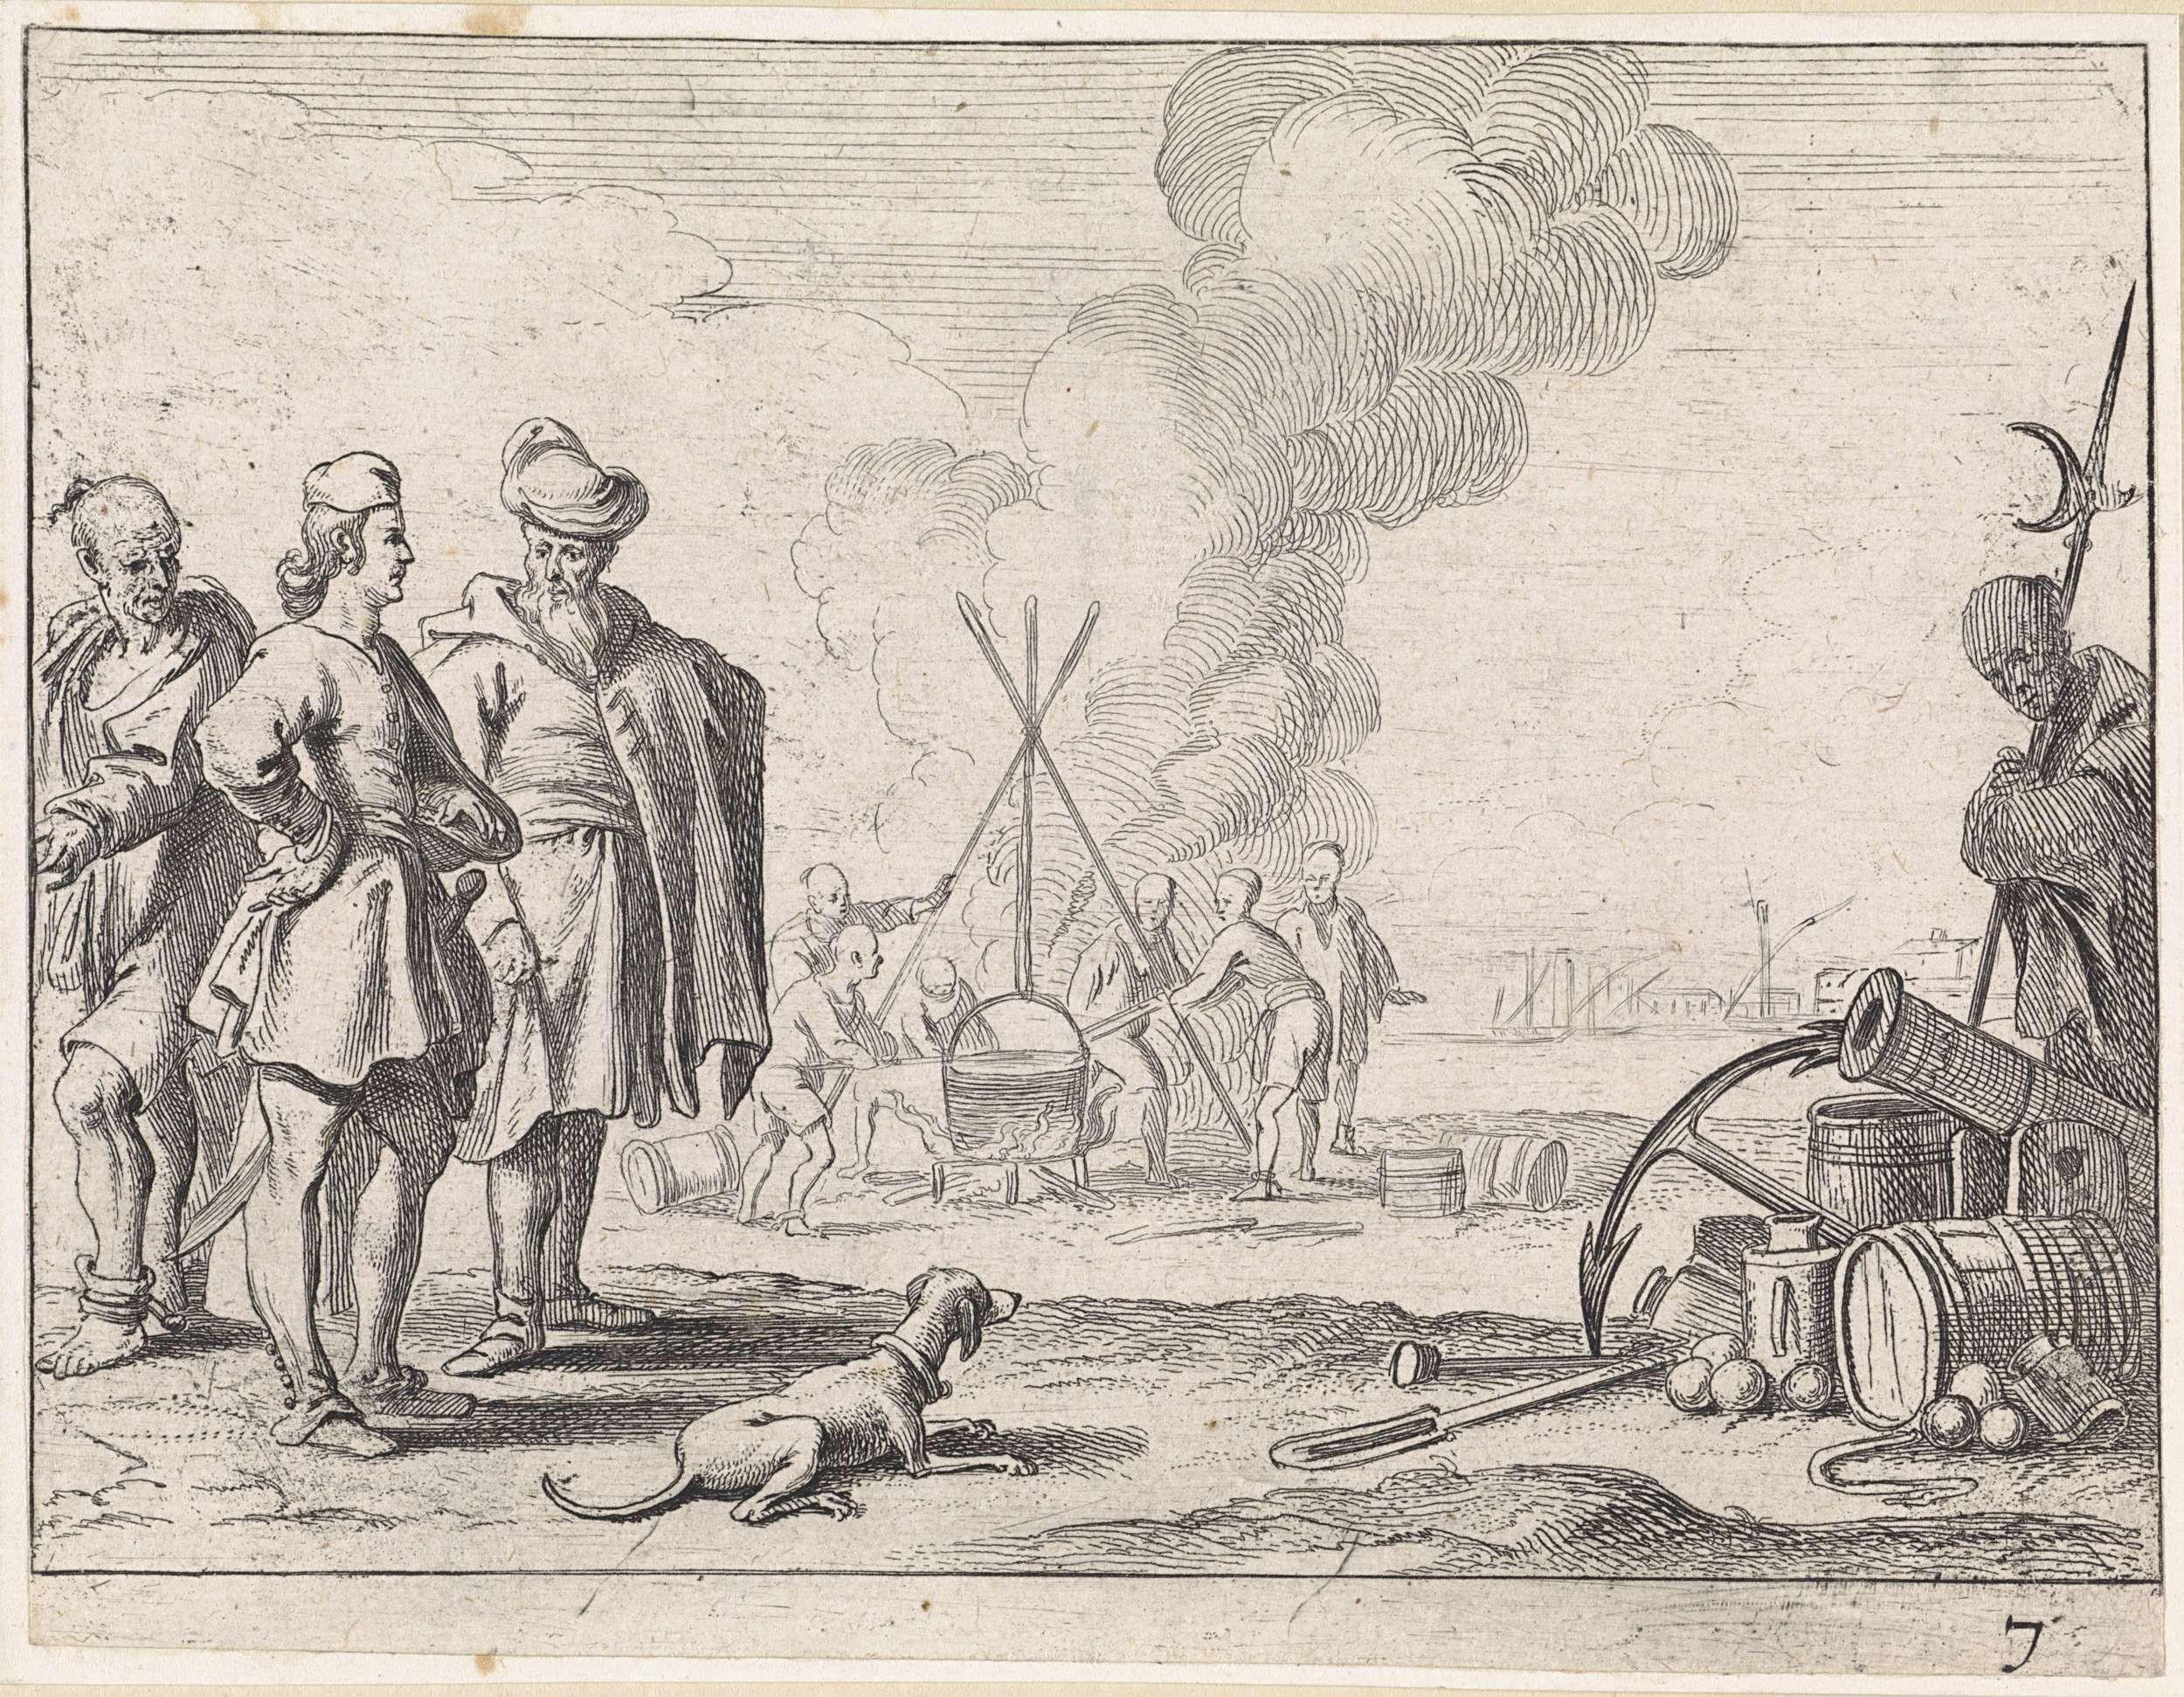 Cornelis de Wael | Twee zeelieden en een slaaf op het strand, Cornelis de Wael, Anonymous, 1647 | Twee zeelieden zijn in gesprek op het strand. Een slaaf vergezelt hen. Voor hen een hond. Op de achtergrond slaven die koken in een ketel op het strand.